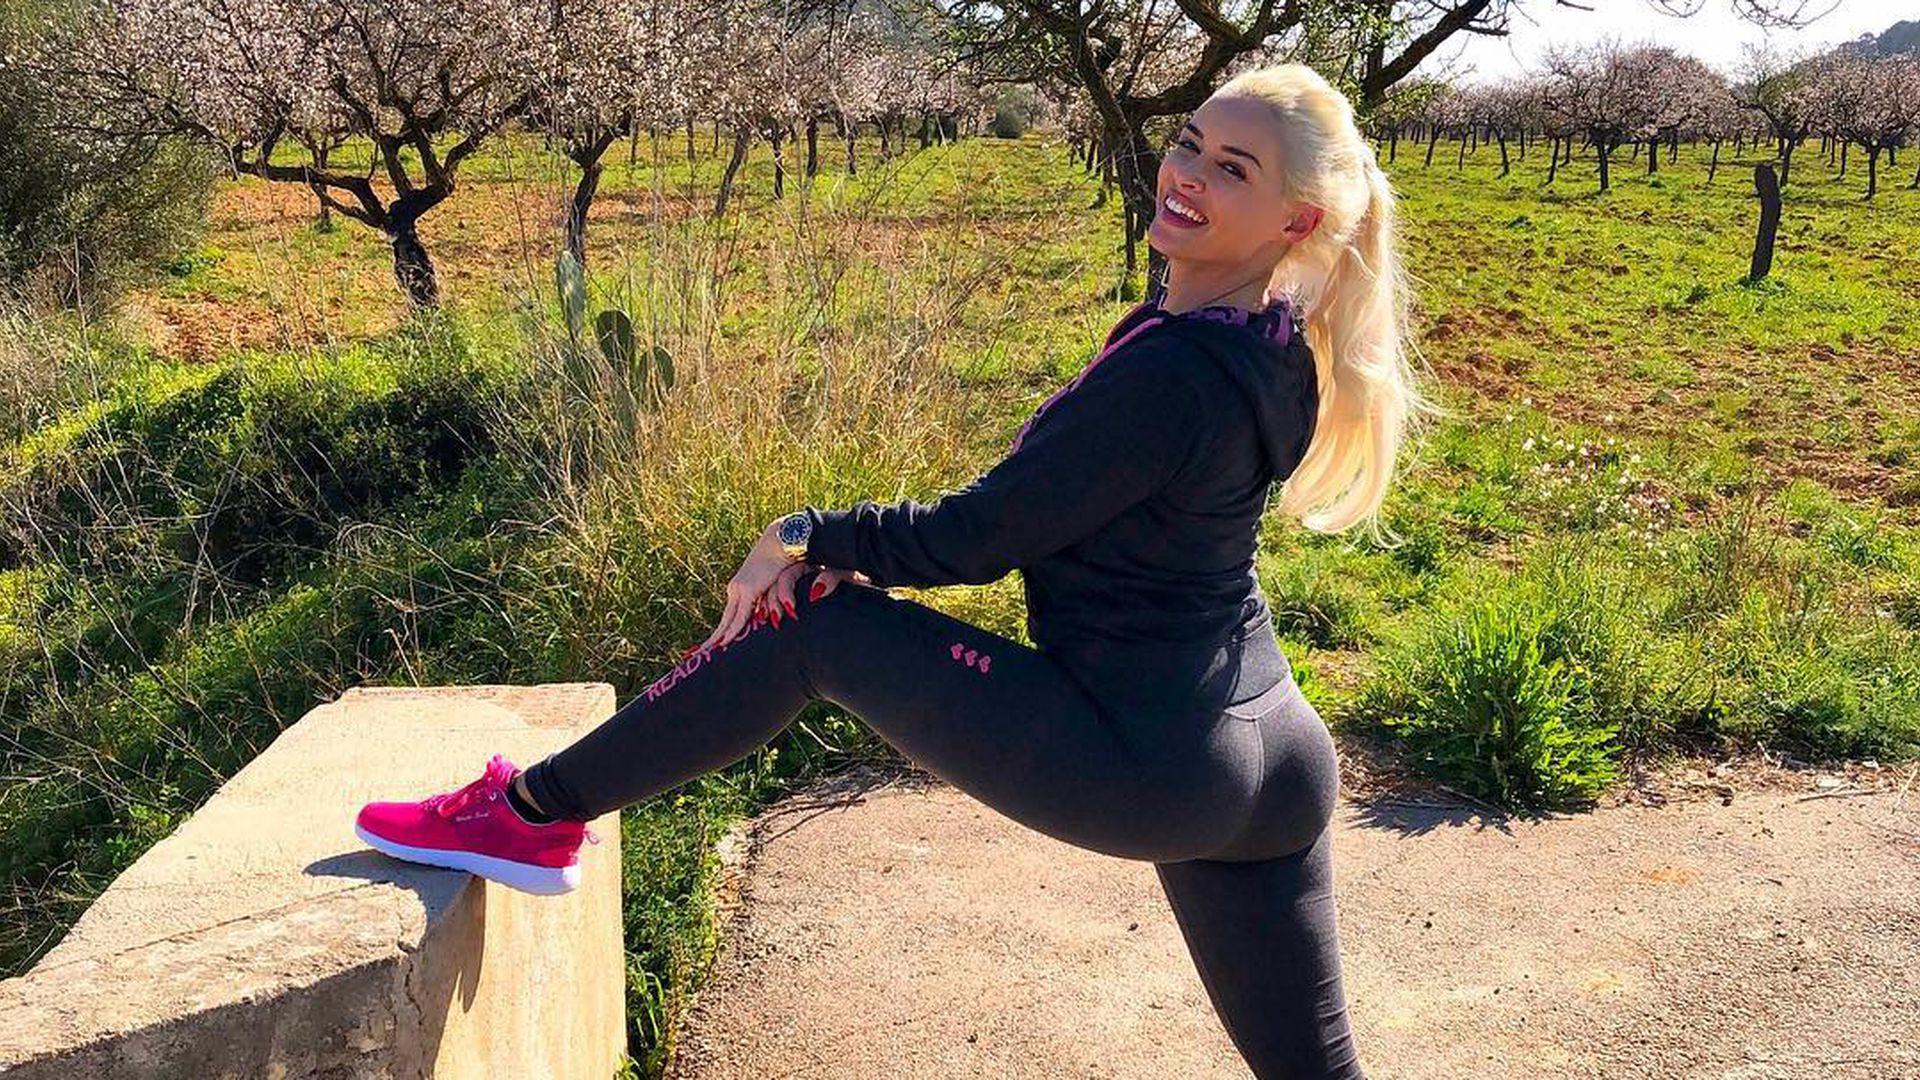 Daniela Katzenberger Po